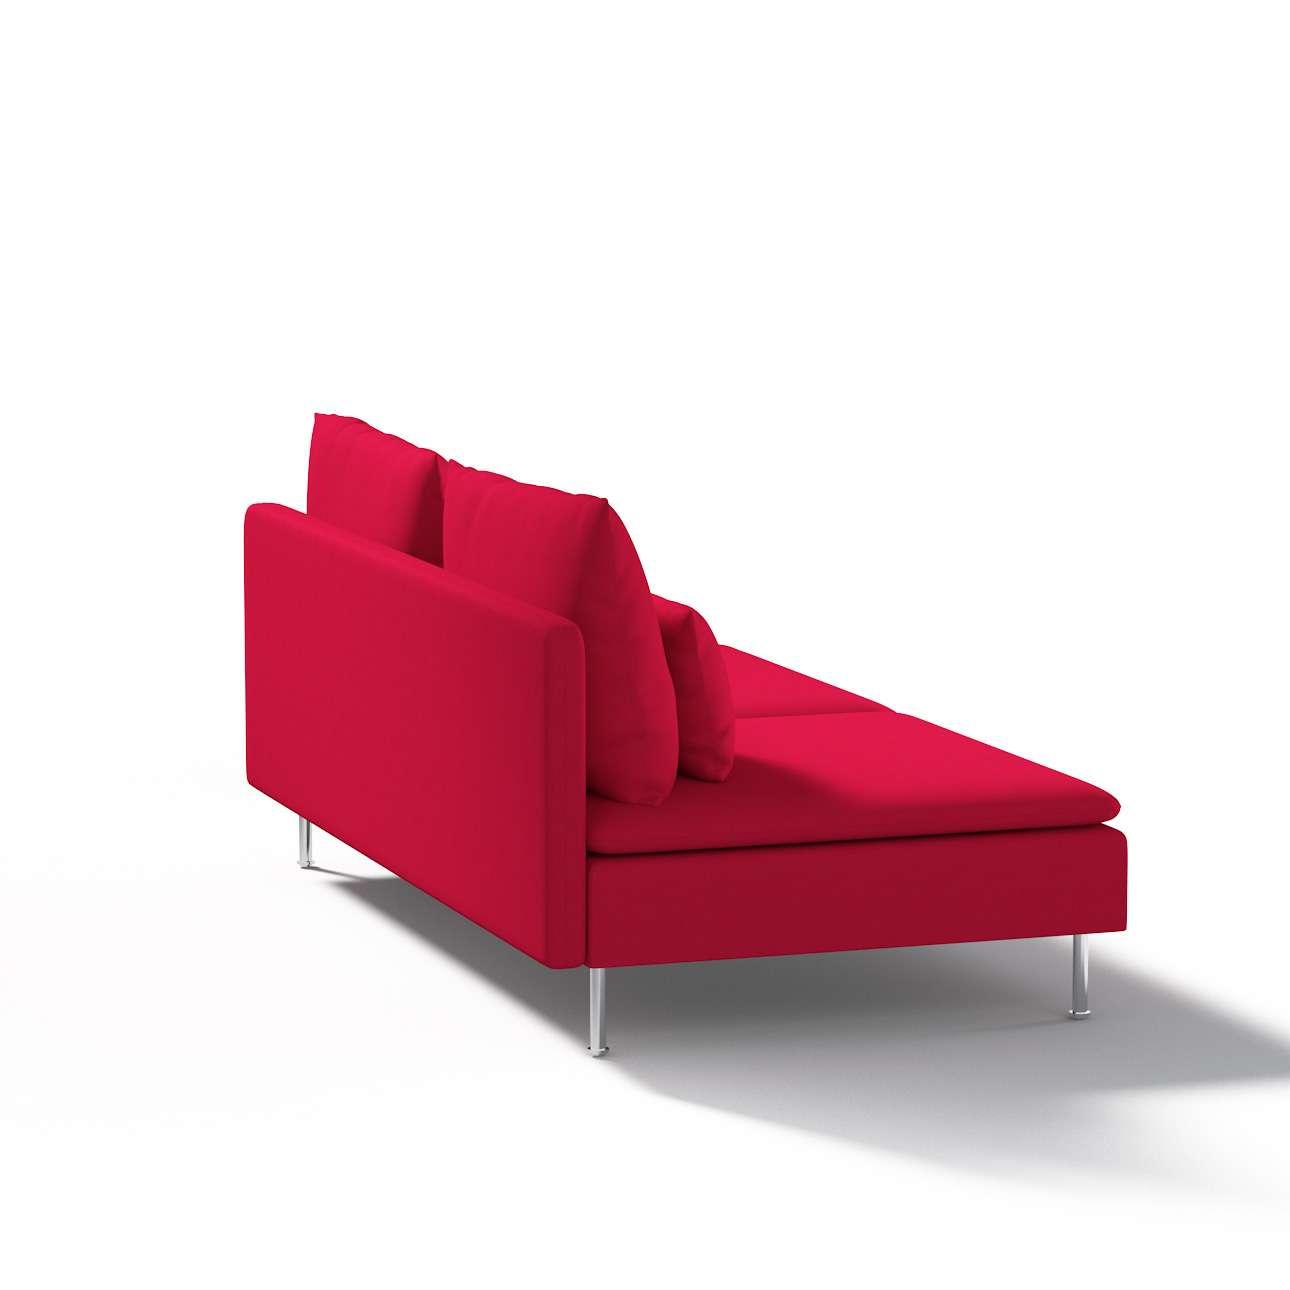 Bezug für Söderhamn Sitzelement 3 von der Kollektion Etna, Stoff: 705-60